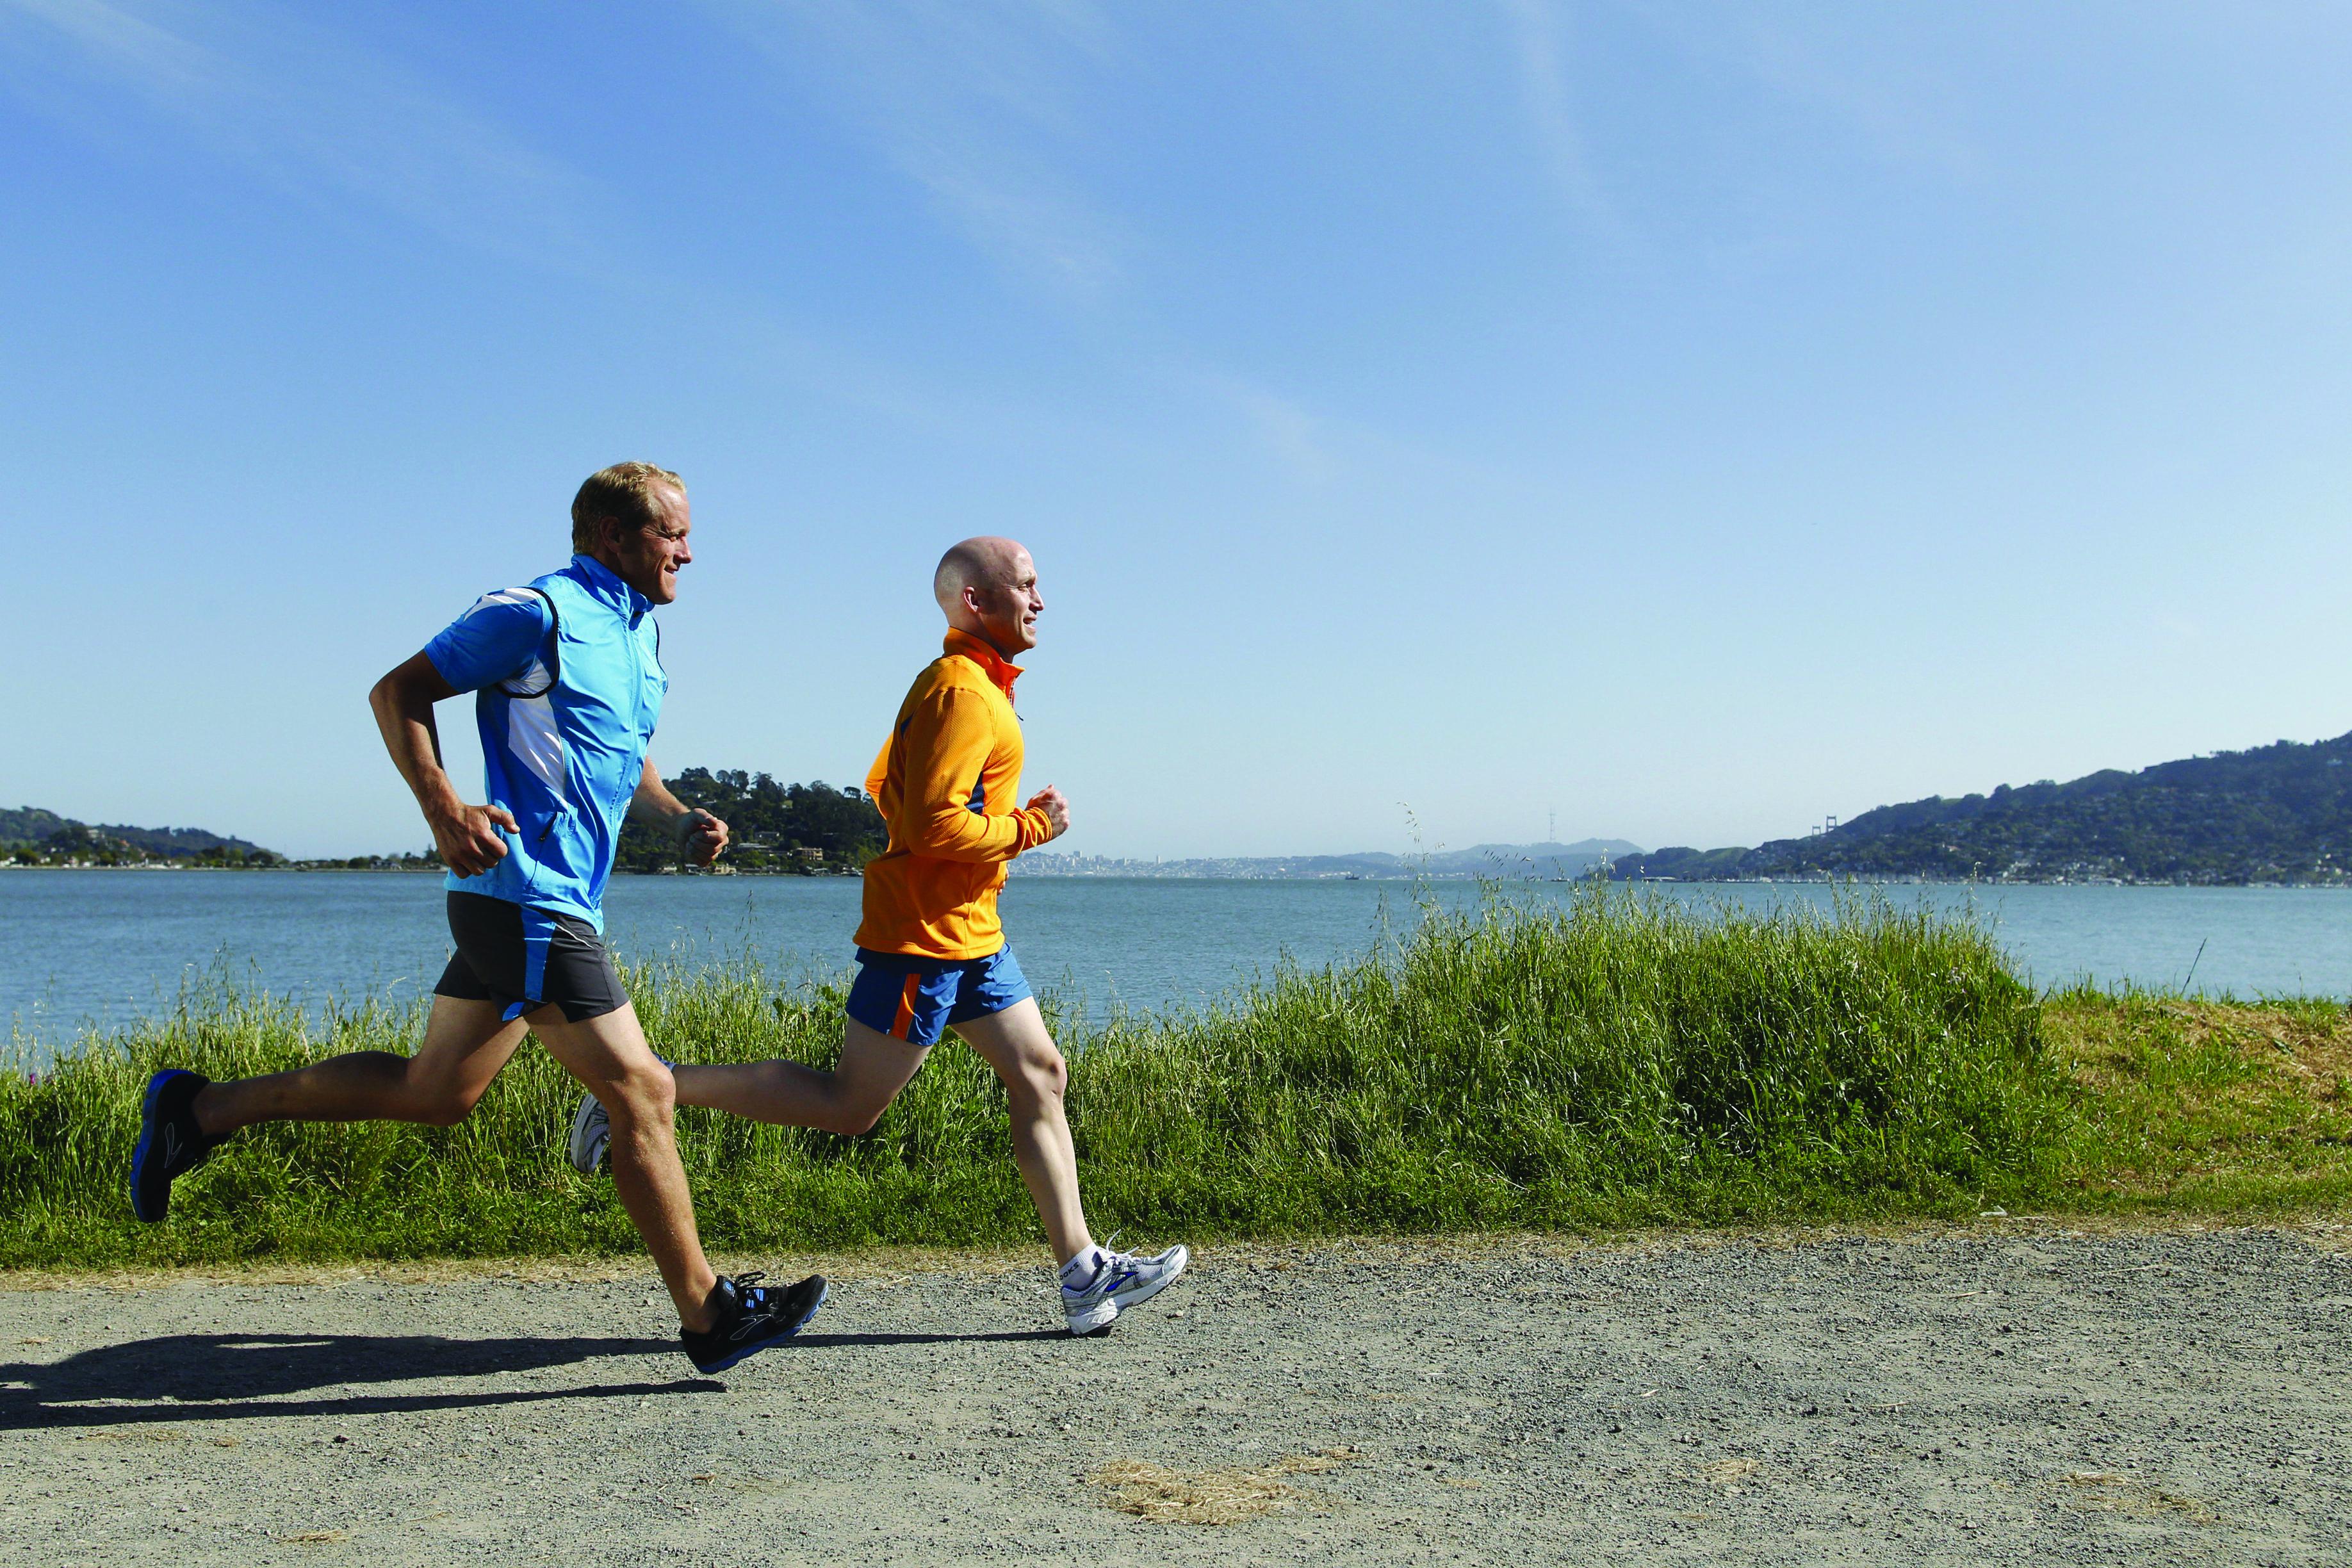 La course à pied augmente l'espérance de vie